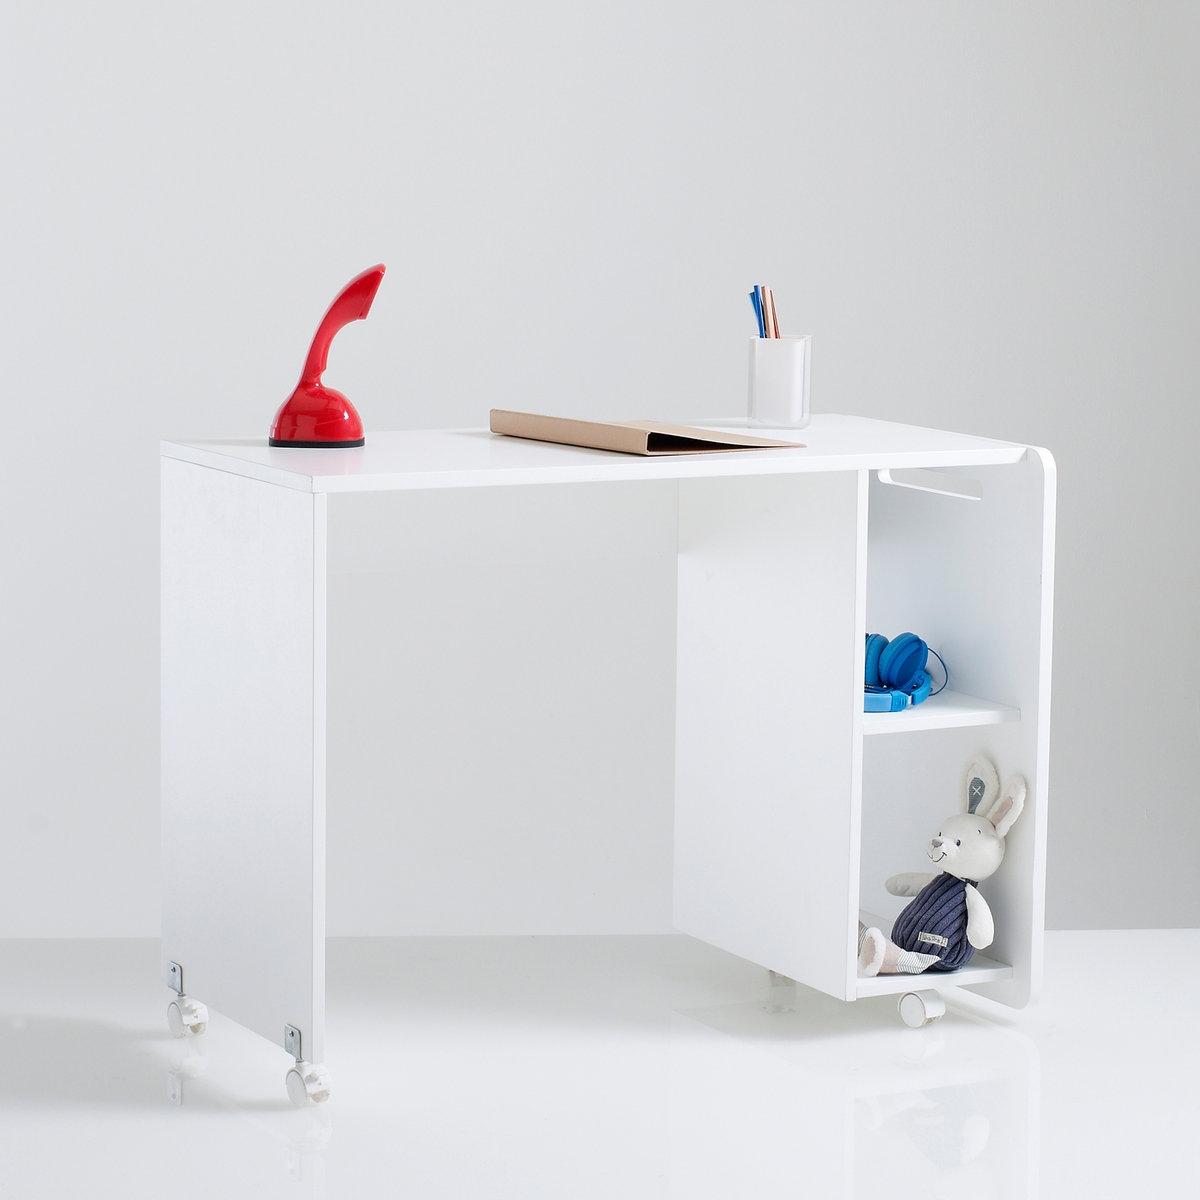 Письменный стол DydusПисьменный стол + 2 ниши для хранения Dydus. Описание письменного стола Dydus:4 колеса.2 ниши для хранения книг и тетрадей.Дно и боковые панели можно устанавливать в правую и левую строны.Встроенная ручка.Характеристики письменного стола Dydus :МДФ.Лакированная отделка из нитроцеллюлозы.Найдите другие модули для хранения Dydus и кровать Dydus на сайте laredoute.ru.Размеры письменного стола Dydus:Ширина: 94 см.Высота: 70 см.Глубина: 50 см.Полезное пространство стола: Ш.94 x Г.50 см.Внутренние размеры ниши для хранения: Ш.22 x В.30 x Г.50 смРазмеры и вес с упаковкой:1 упаковка.Ш.102 x В.13,5 x Г.56 см.21 кг.Доставка:Для письменного стола Dydus предусмотрена самостоятельная сборка. Доставка до квартиры!Внимание! Убедитесь, что товар возможно доставить на дом, учитывая его габариты (проходит в двери, по лестницам, в лифты).<br><br>Цвет: белый<br>Размер: единый размер